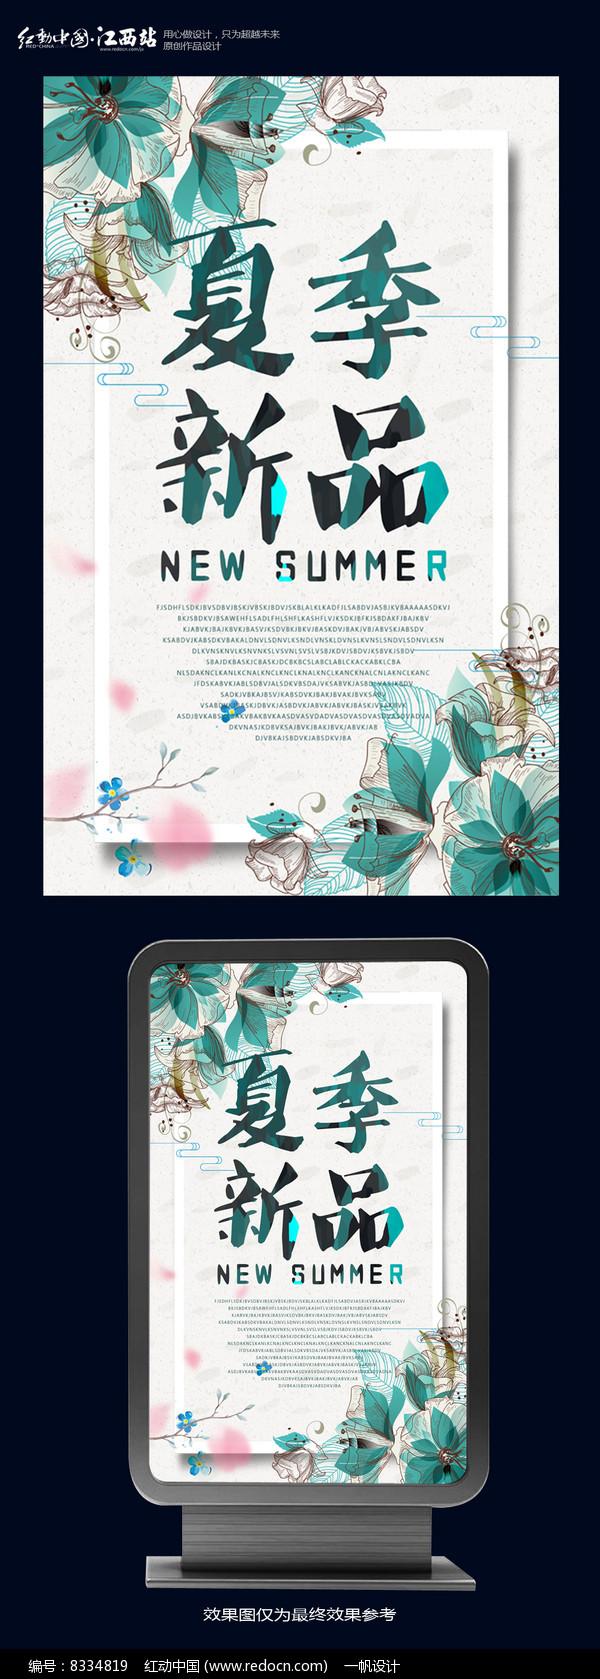 清新夏季新品海报图片